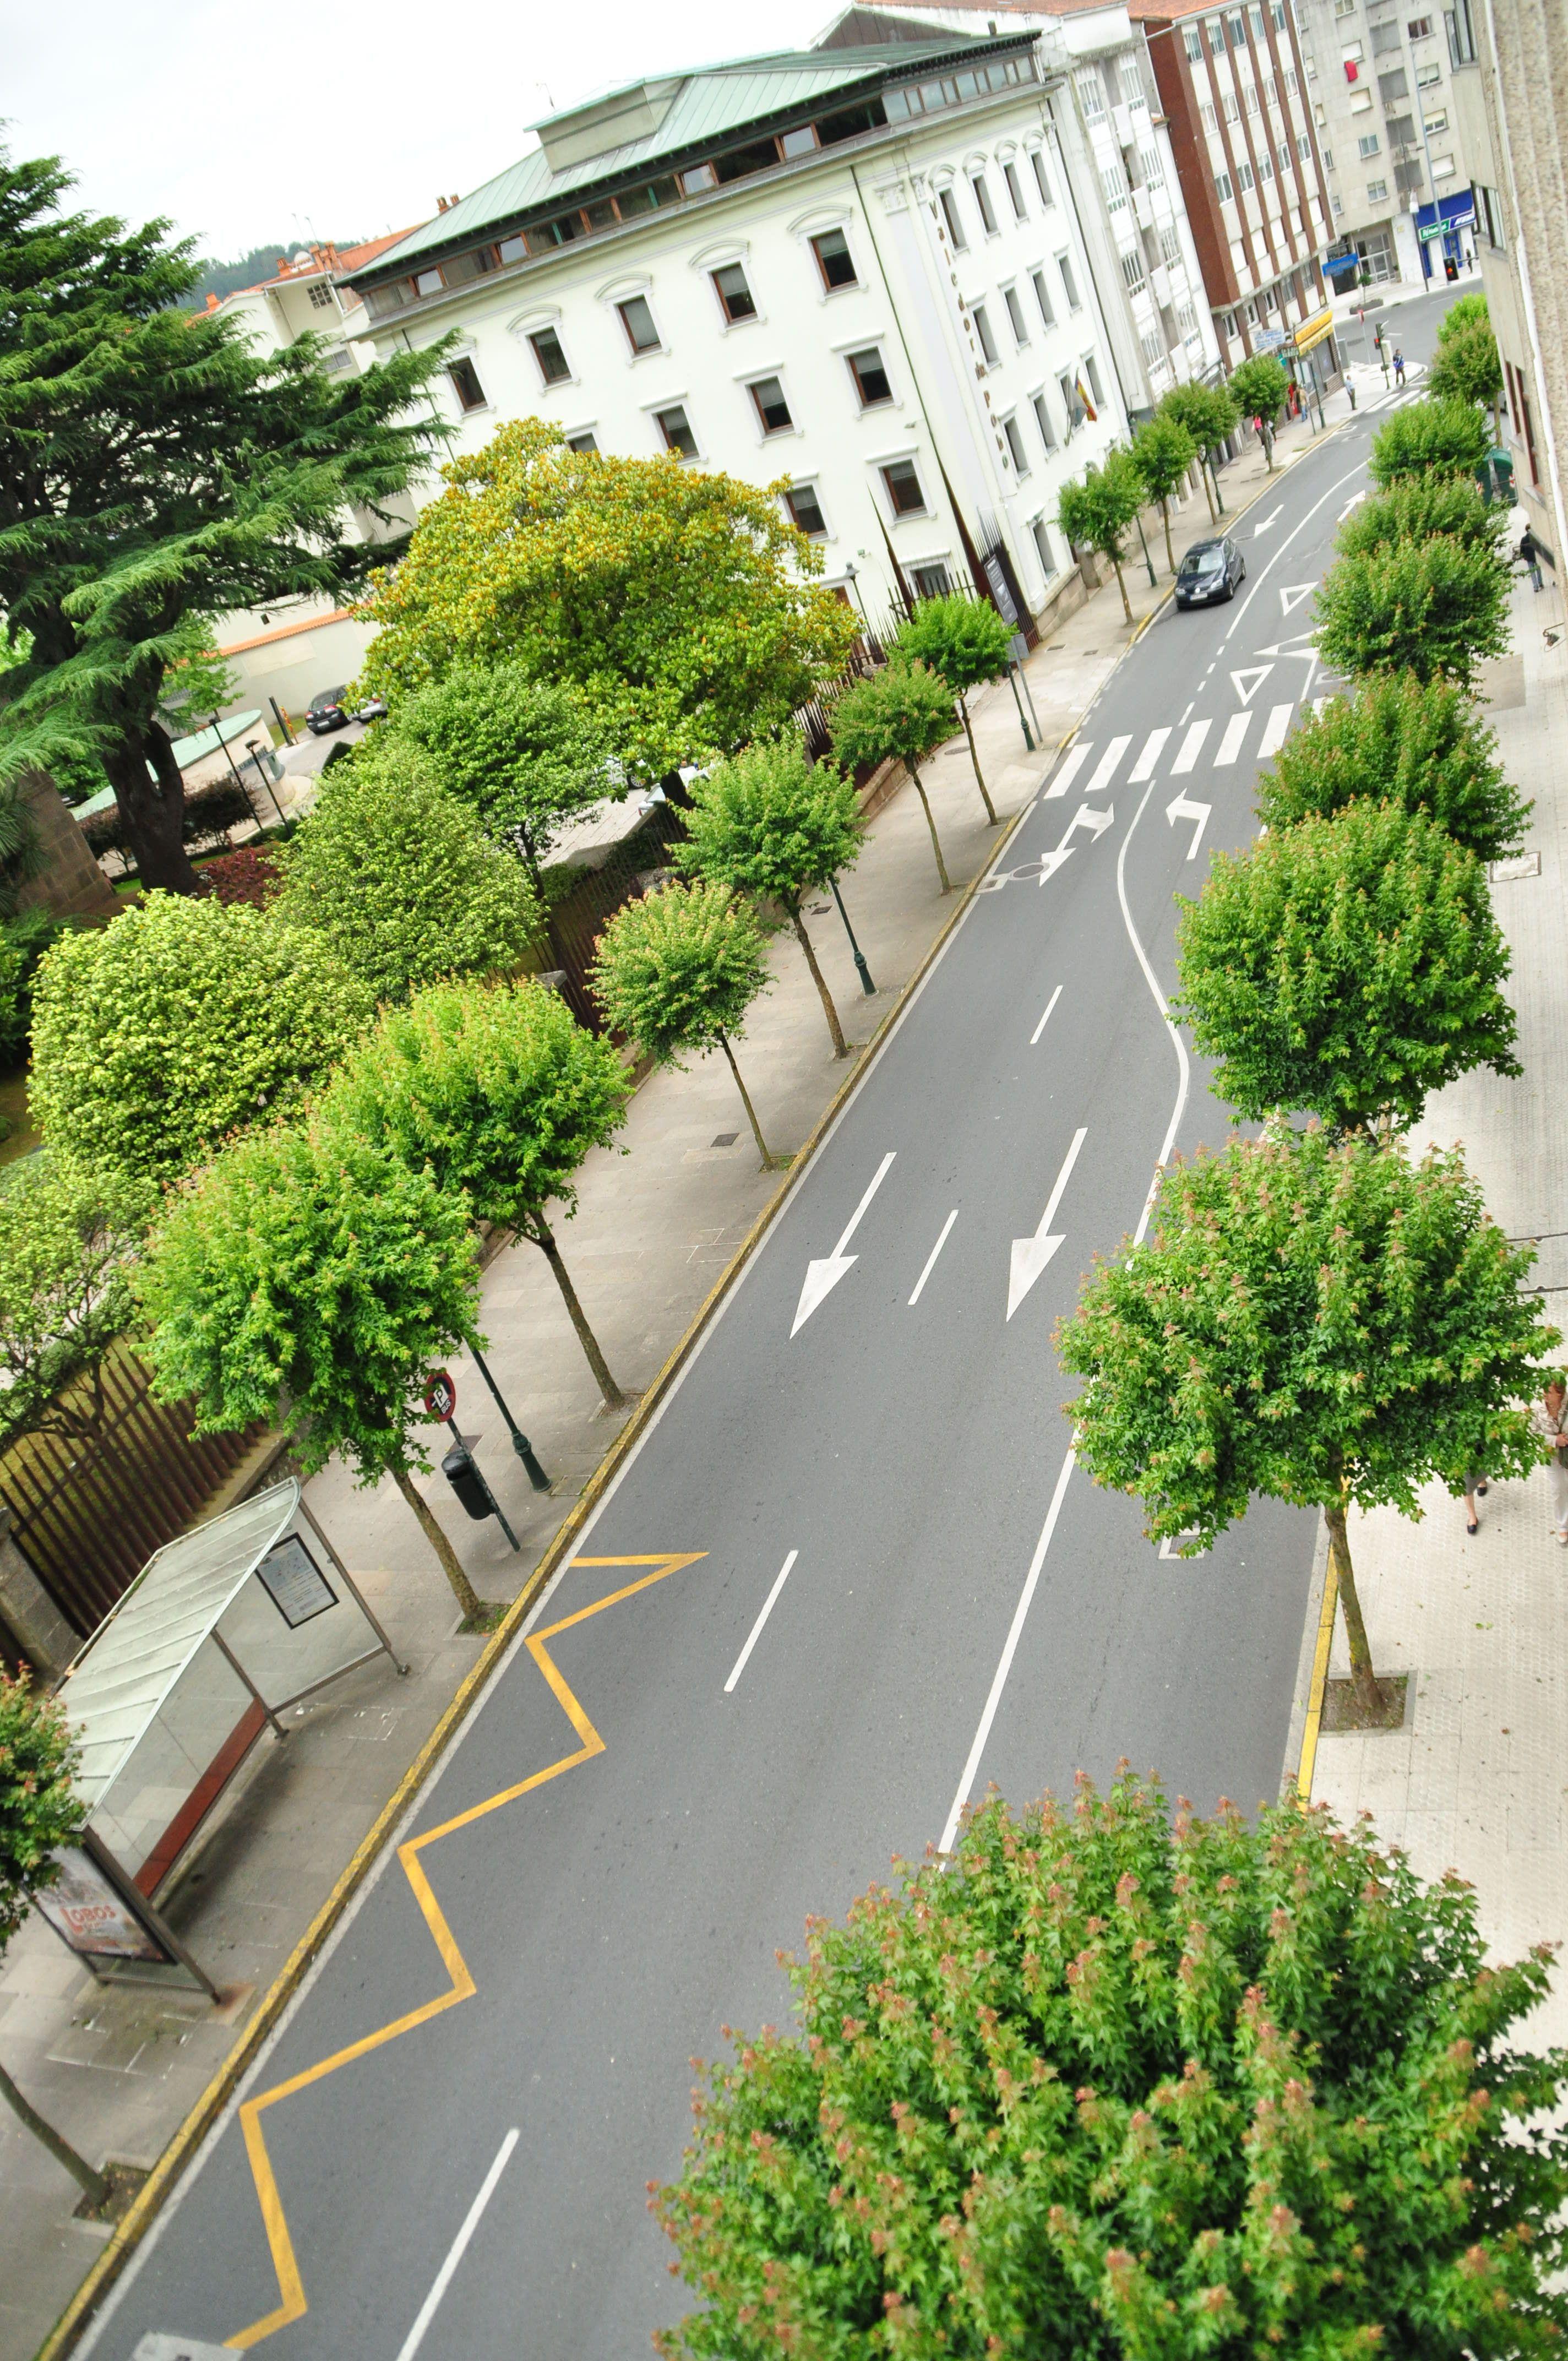 El Hotel San Carlos En Santiago De Compostela Está Ubicado En El Centro De La Ciudad Frente Al Parlamento De Galicia Galicia H American Songs Fields Street